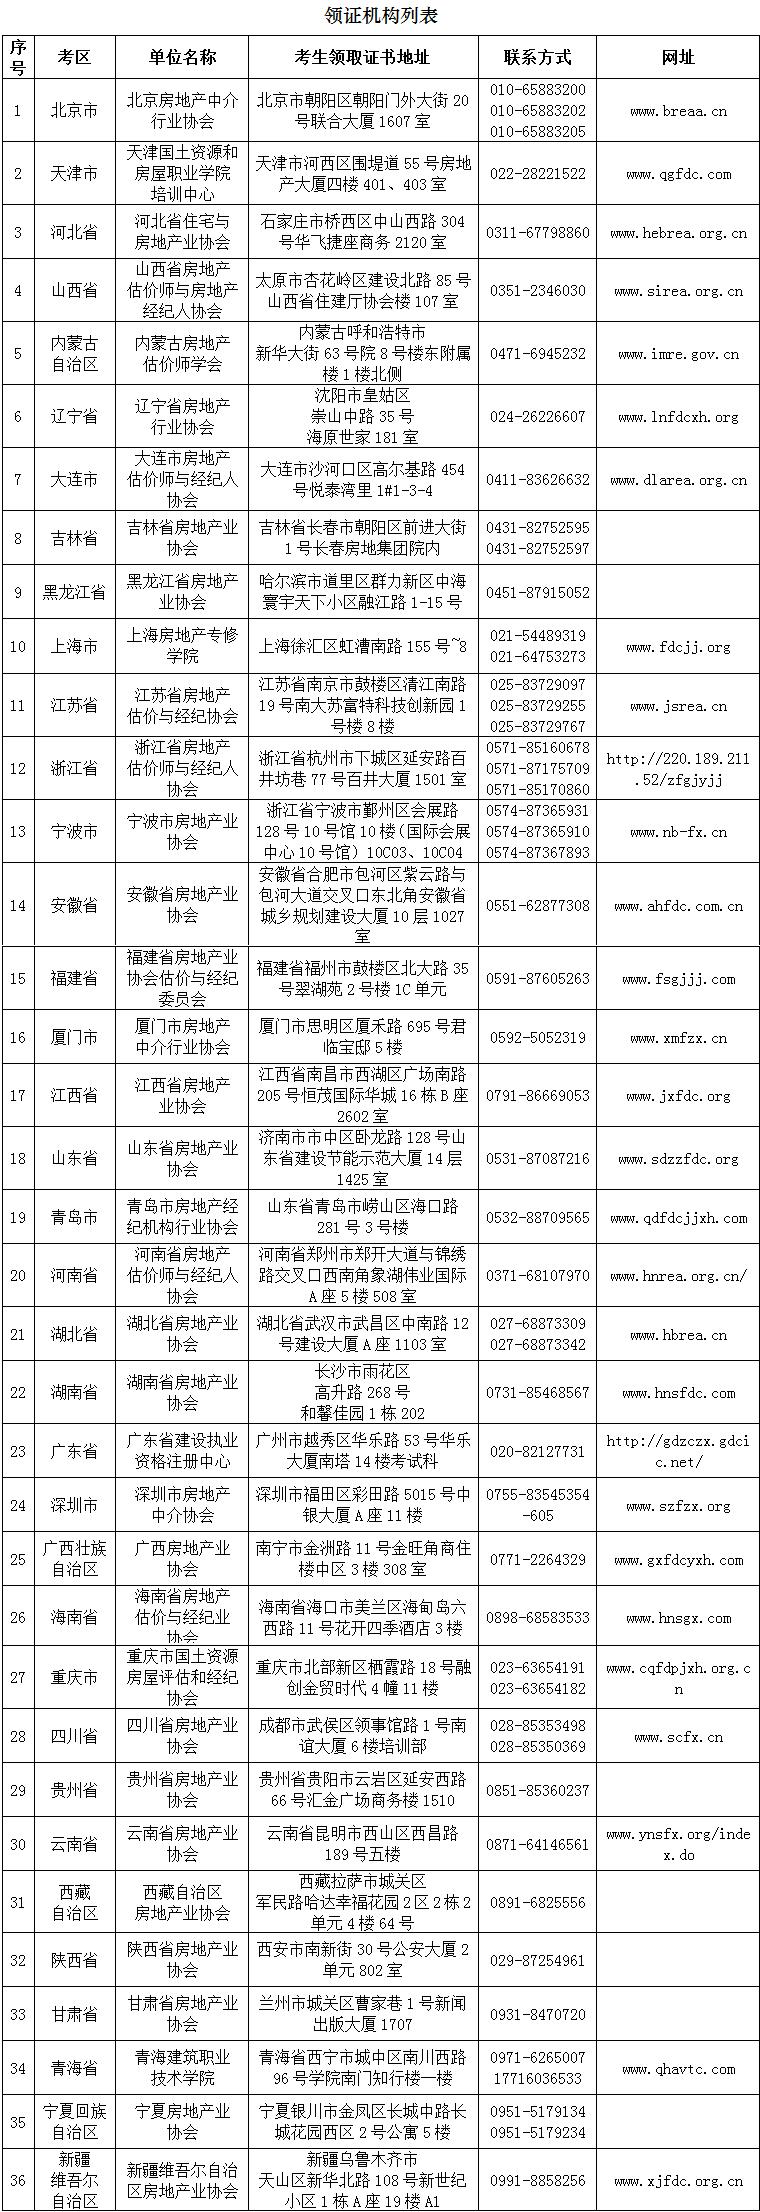 2019年下半年房地产经纪专业人员职业资格证书领取